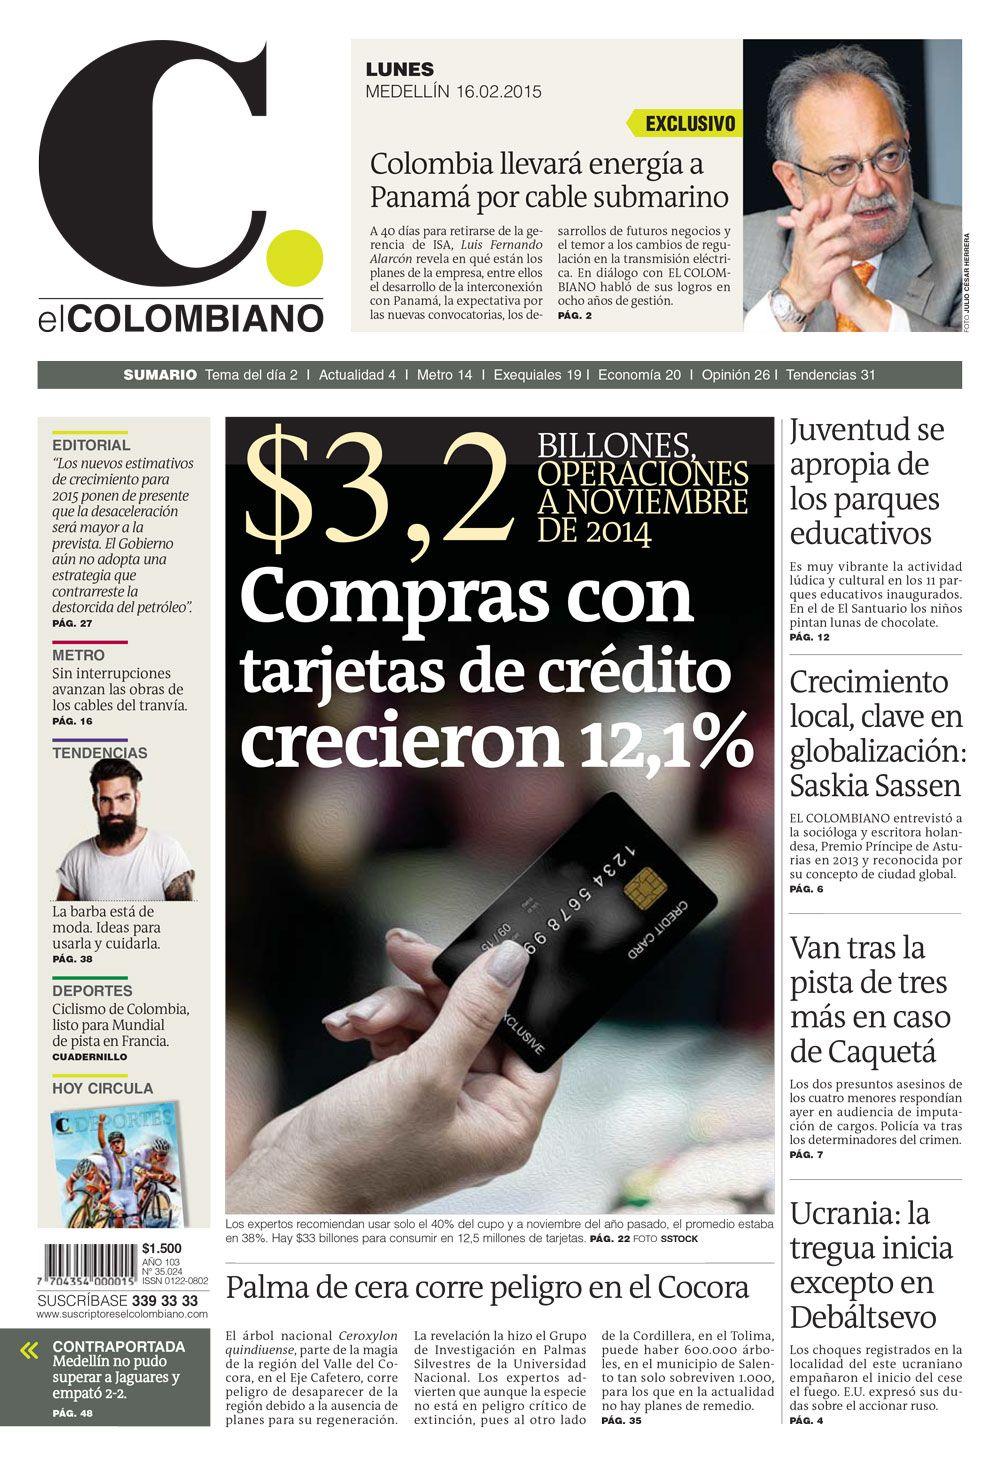 Portada De El Colombiano Para El Lunes 16 De Febrero De 2015 Cable Submarino Portadas Compras